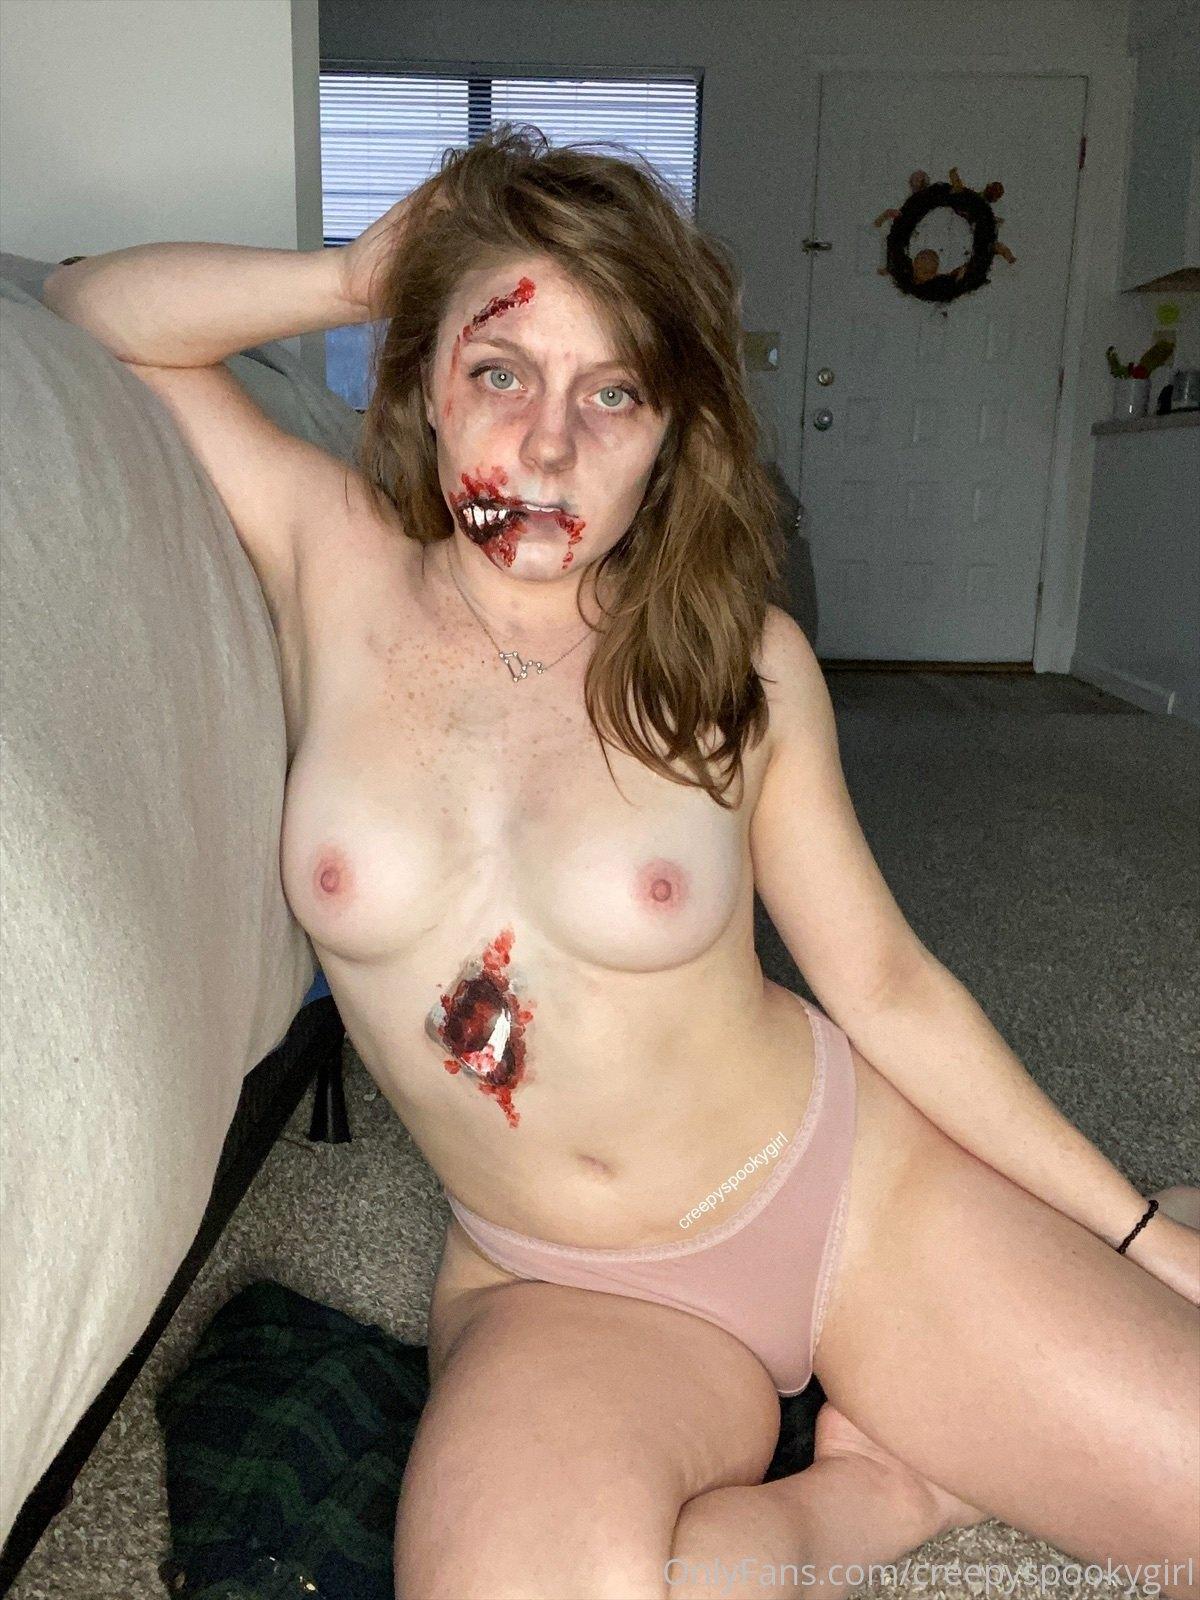 Creepy And Spooky As Always, Creepyspookygirl, Onlyfans 0160